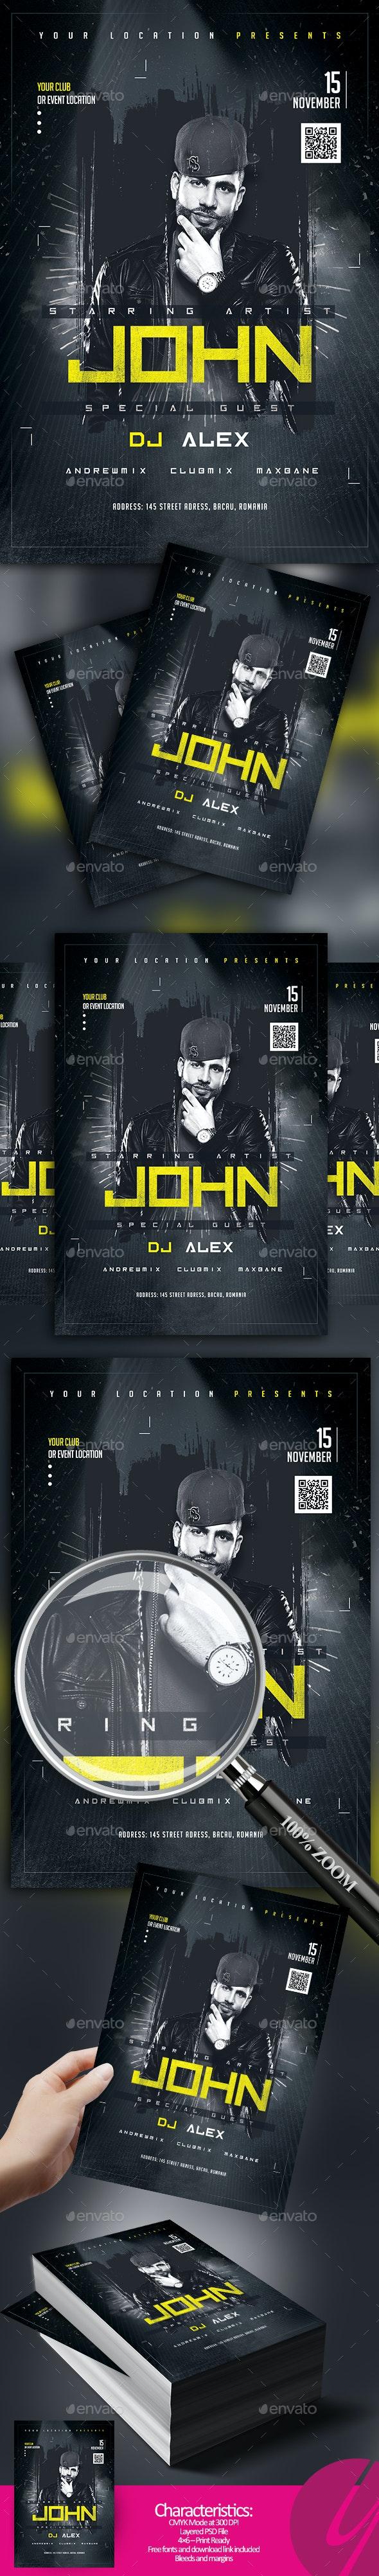 DJ Artist Flyer - Clubs & Parties Events